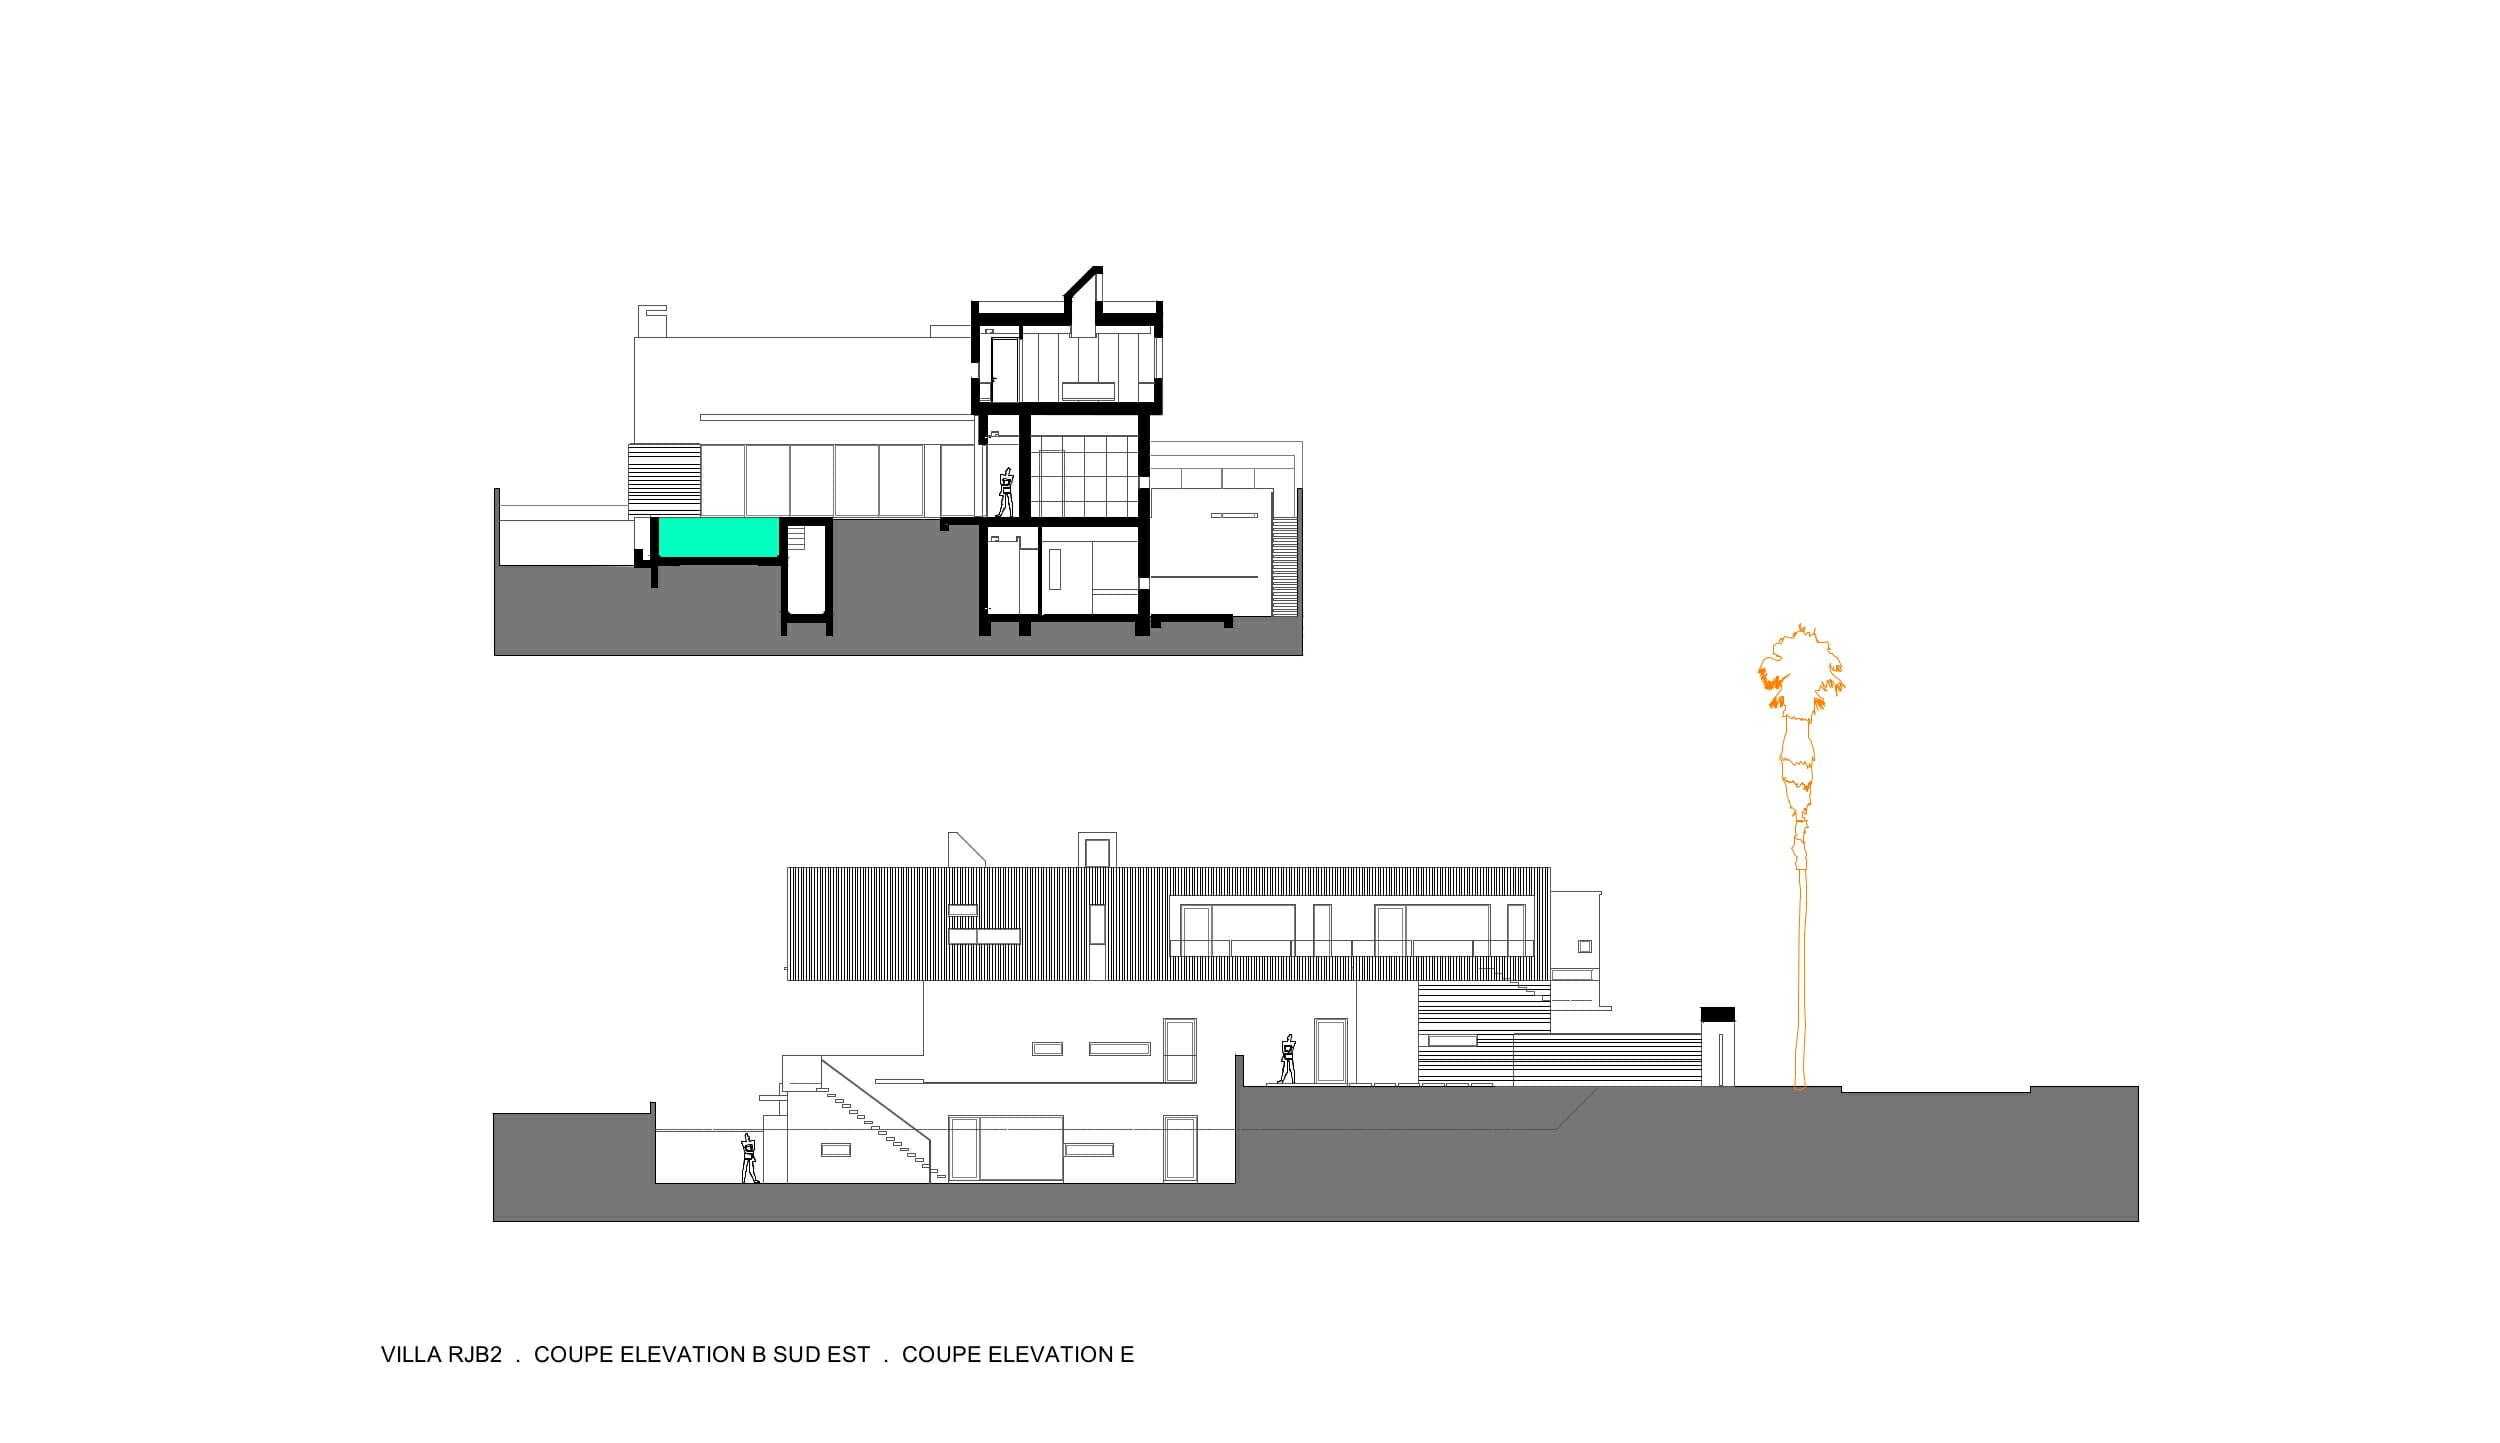 RJB2.plan 03-cp-el-03